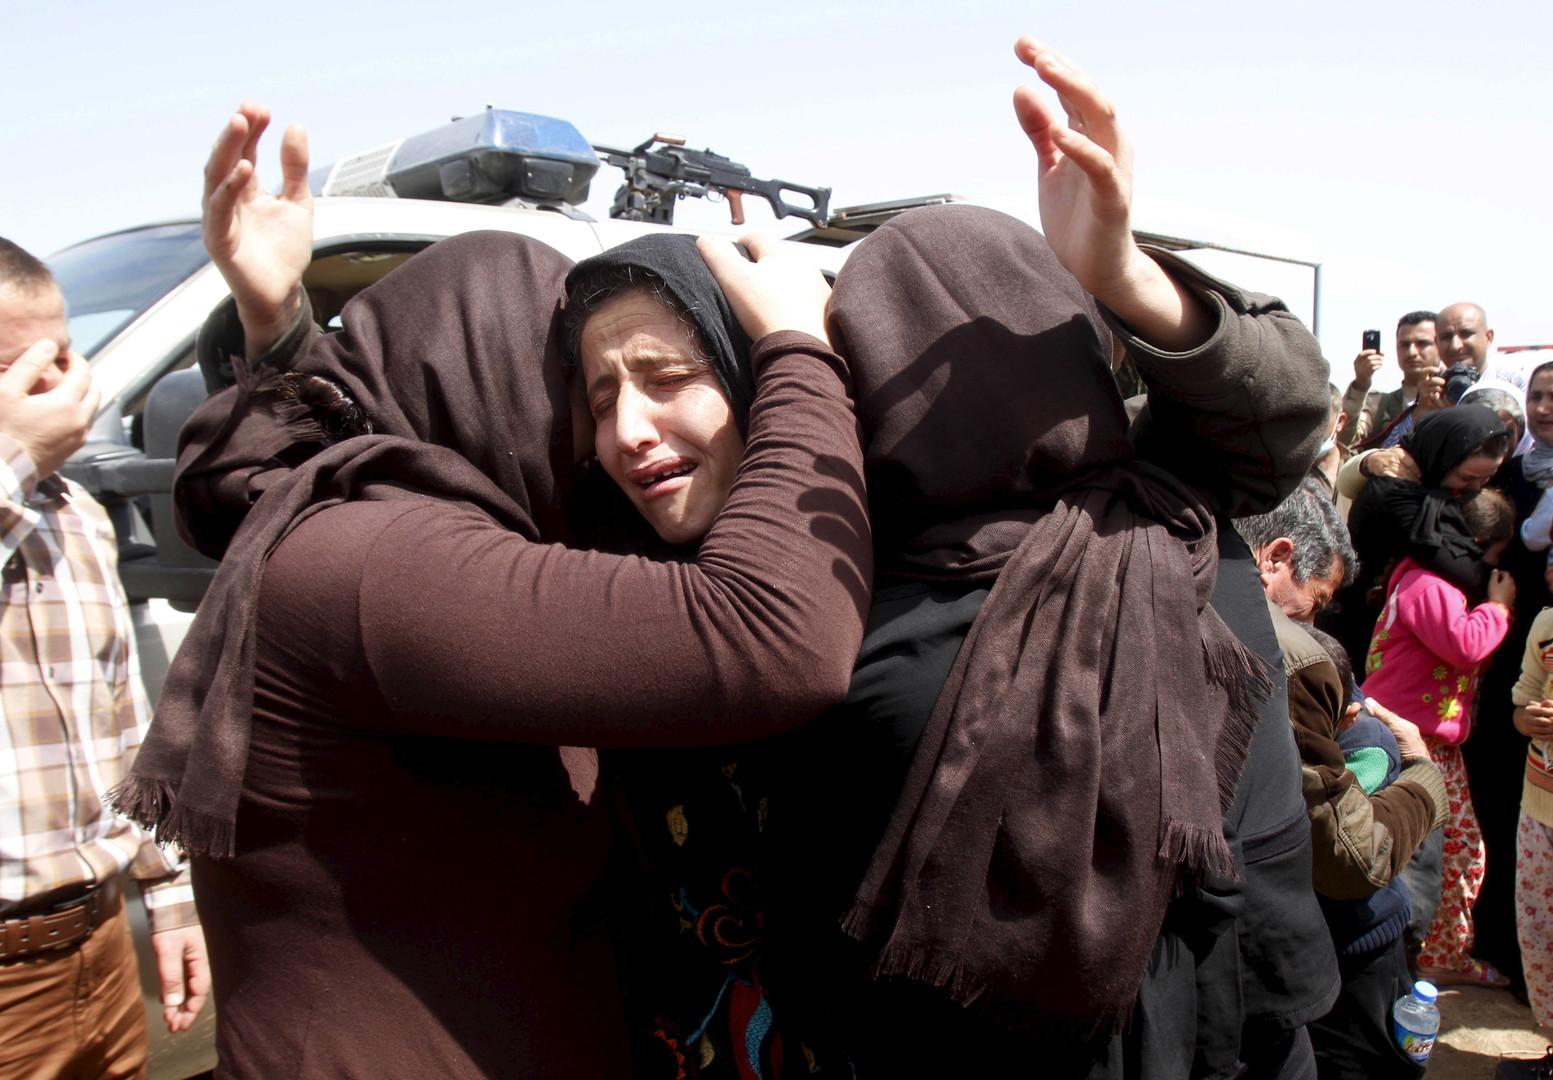 Des membres de la minorité Yazidi tout juste libérés par l'Etat Islamique